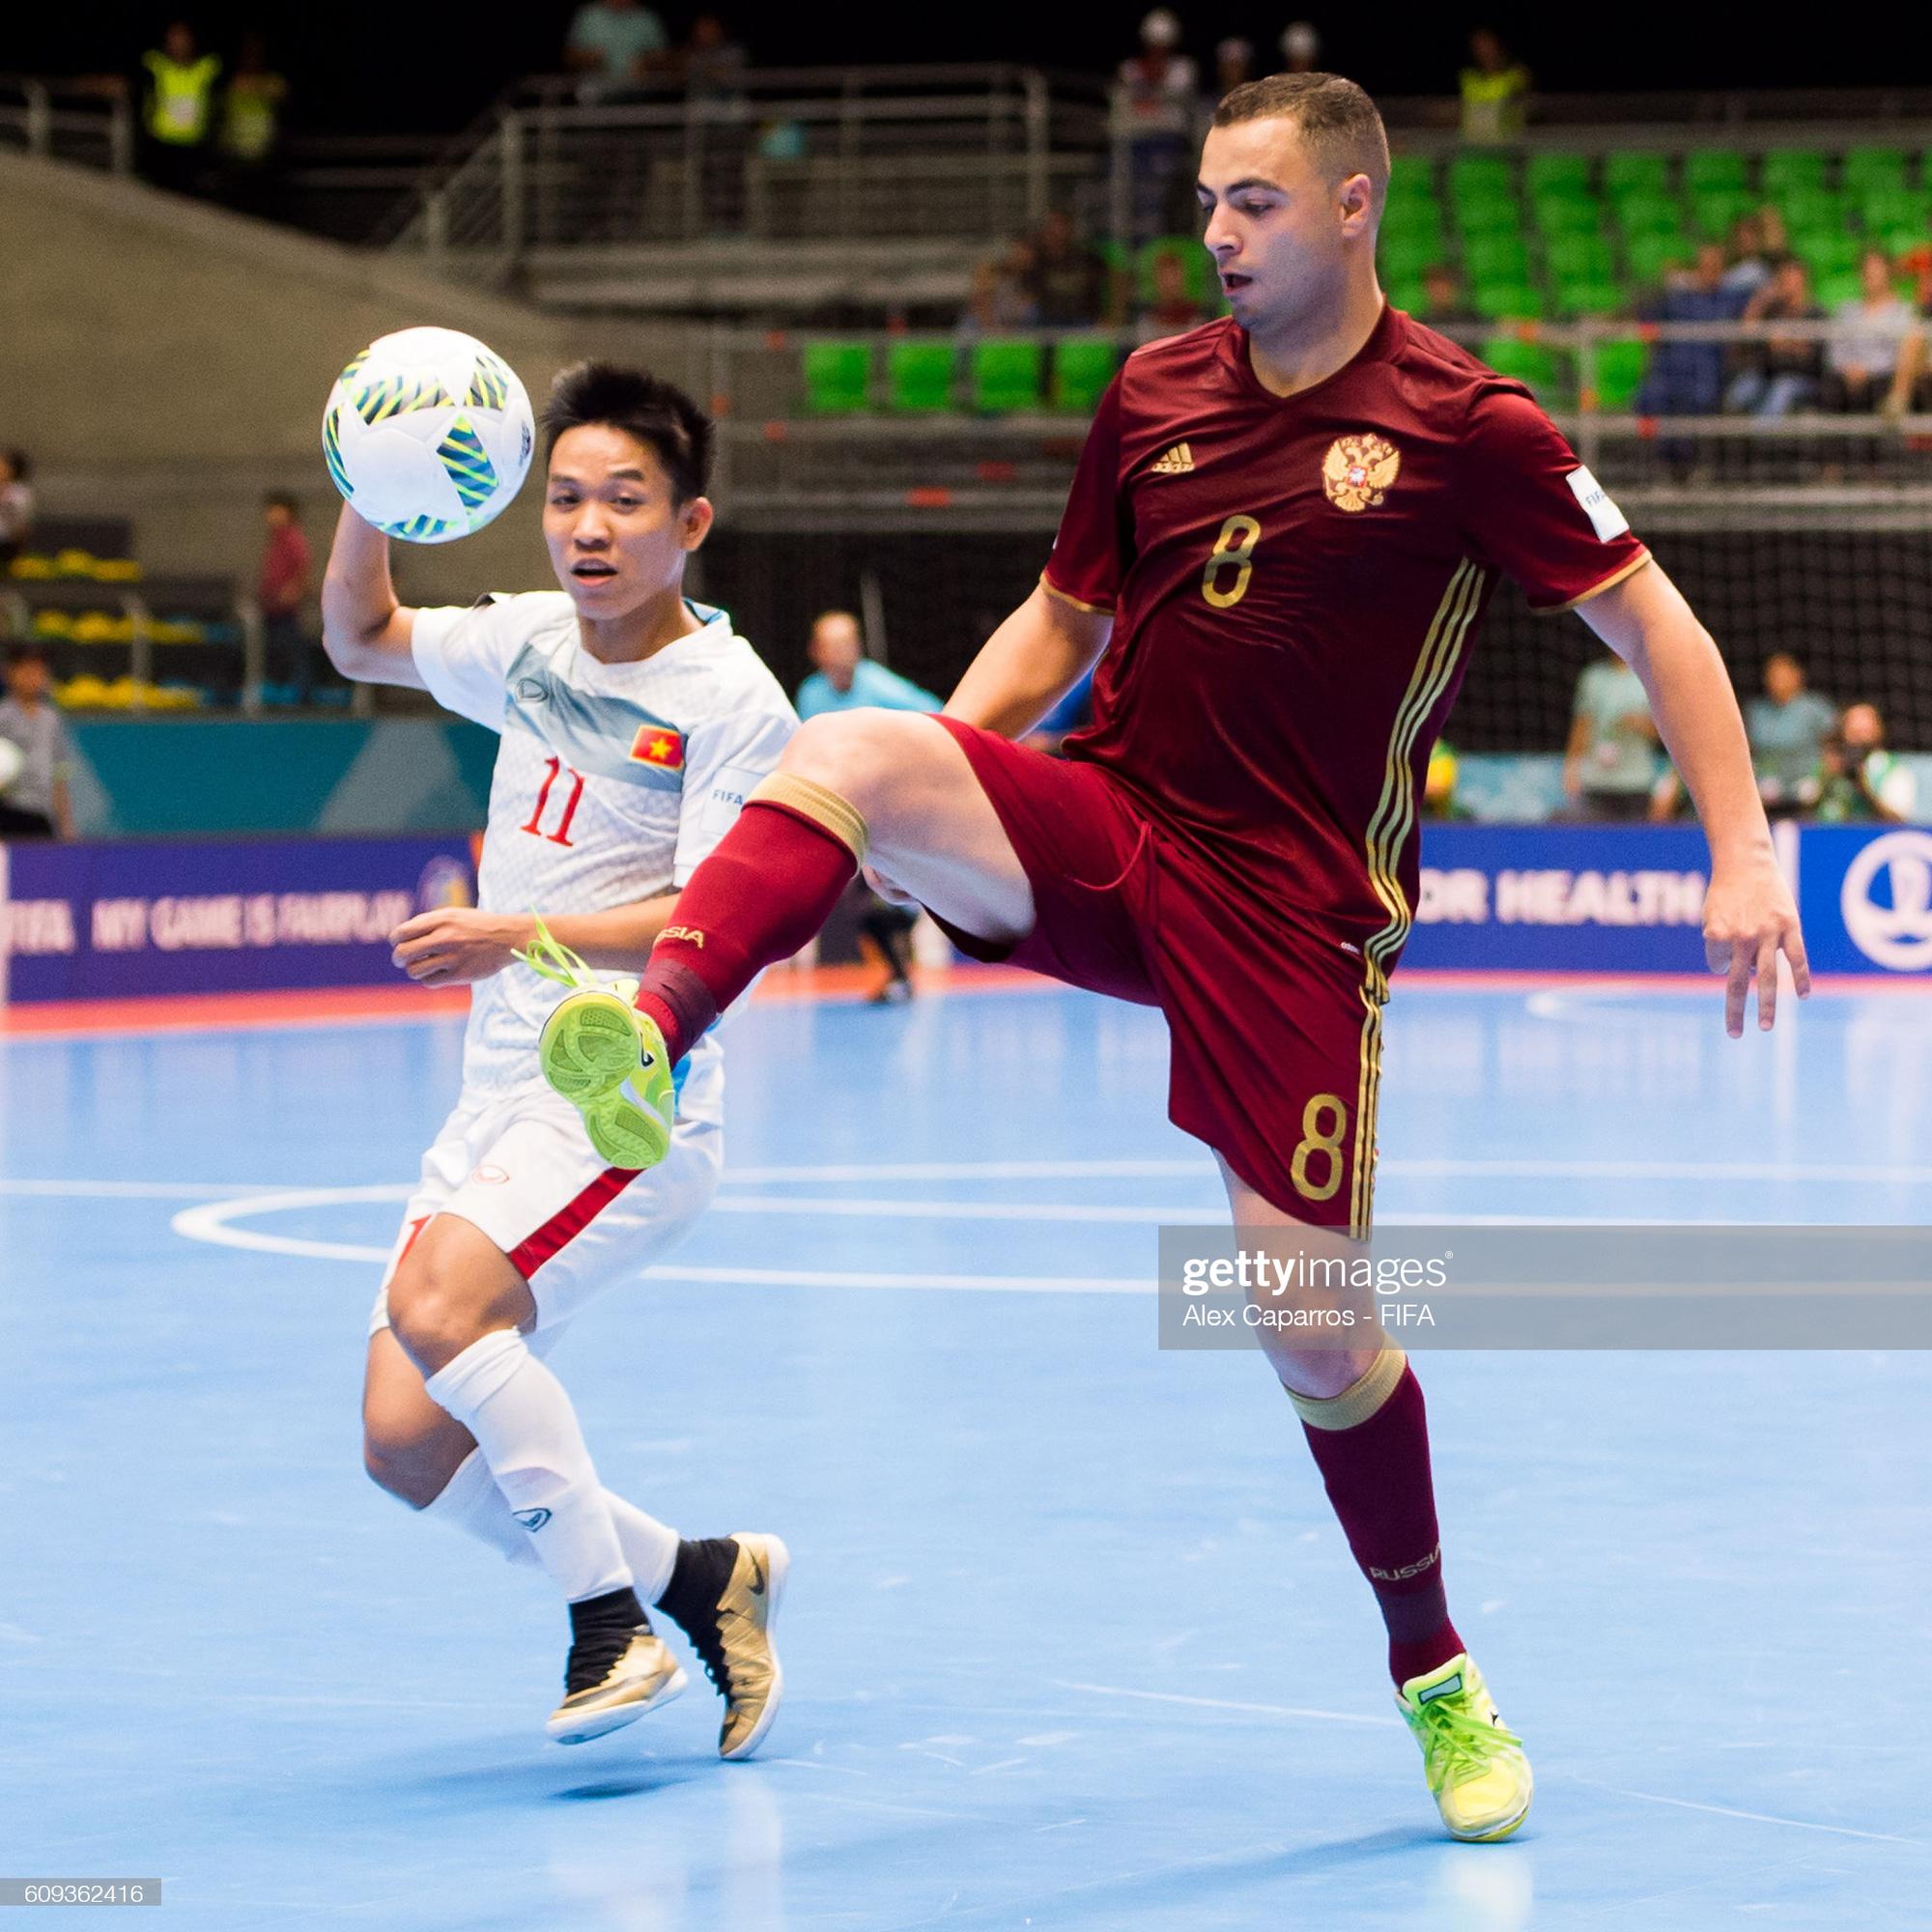 Đối thủ của tuyển futsal Việt Nam ở vòng 16 đội World Cup 2021: Quen mặt, nhưng vẫn quá mạnh - ảnh 6